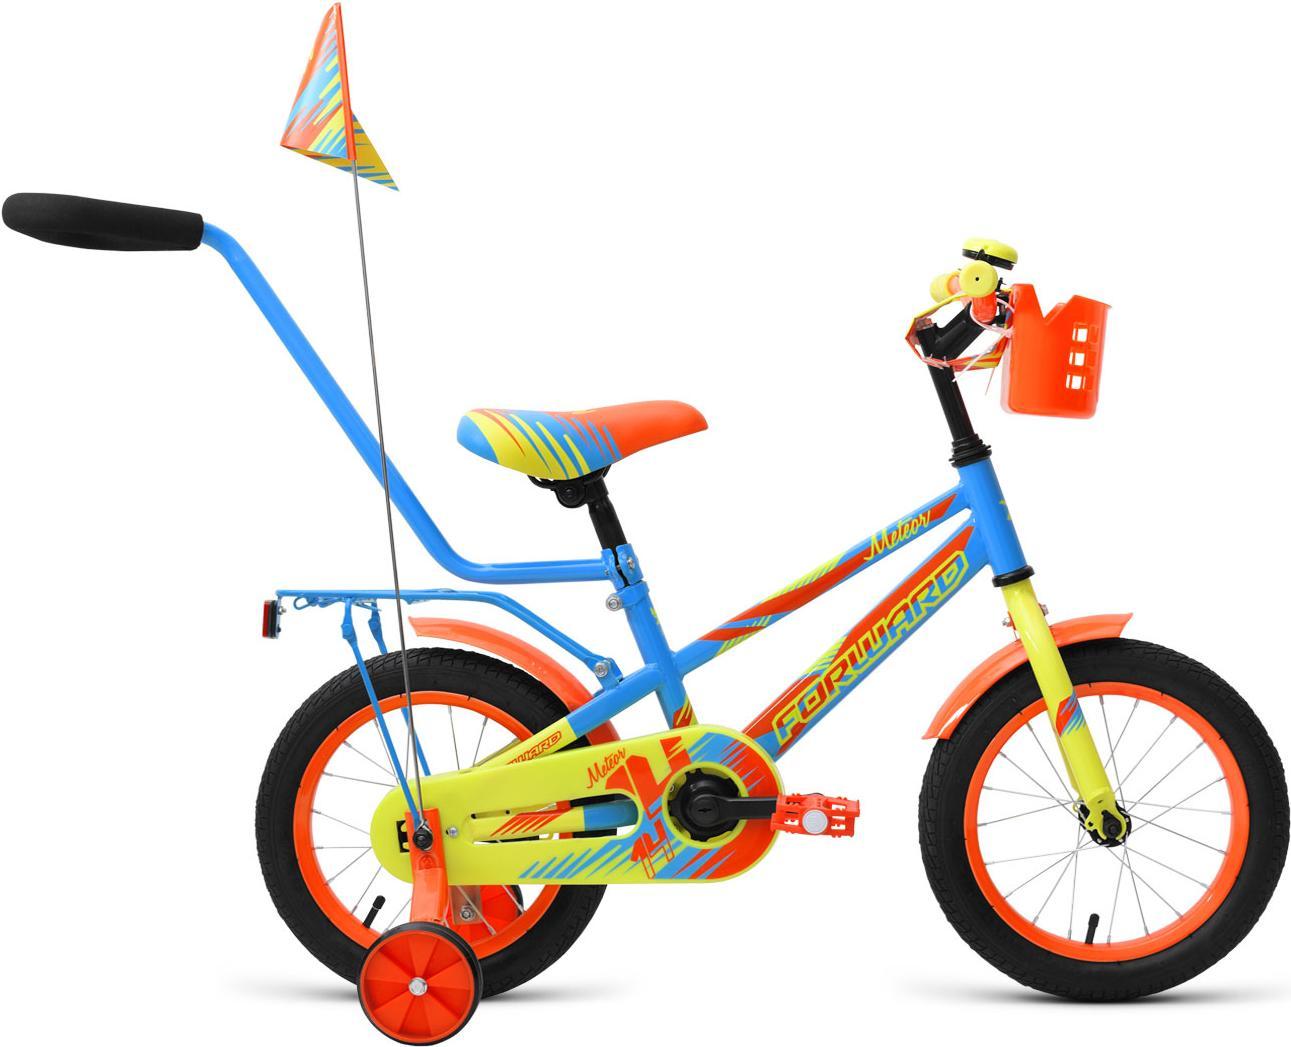 Велосипед Forward Meteor 14 2019 детский голубой/зеленый [RBKW9LNF1004], Meteor 14 2019 детский